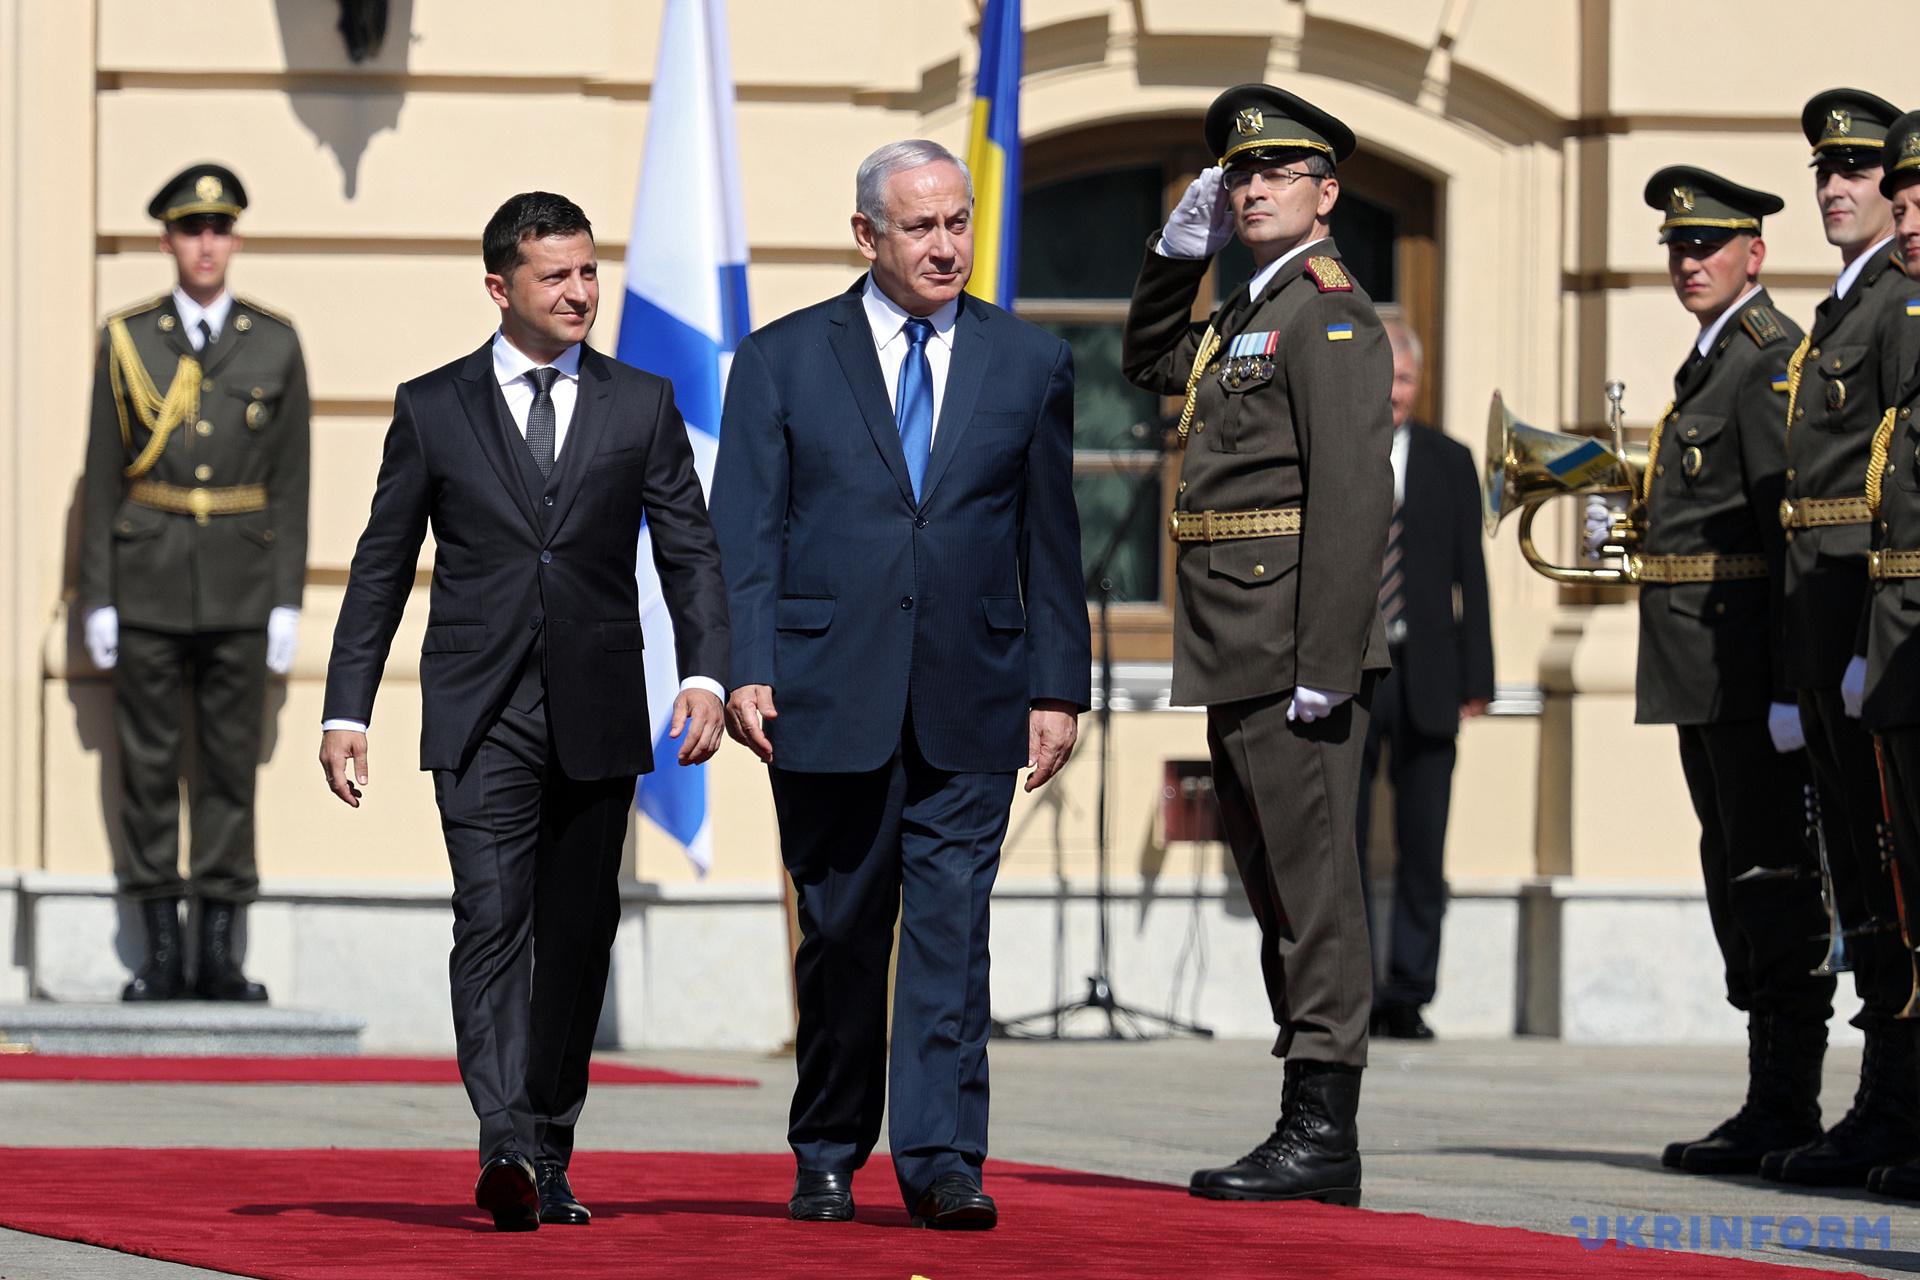 В Киеве состоялась официальная церемония встречи Владимира Зеленского и Биньямина Нетаньяху / Фото: Даниил Шамкин. Укринформ